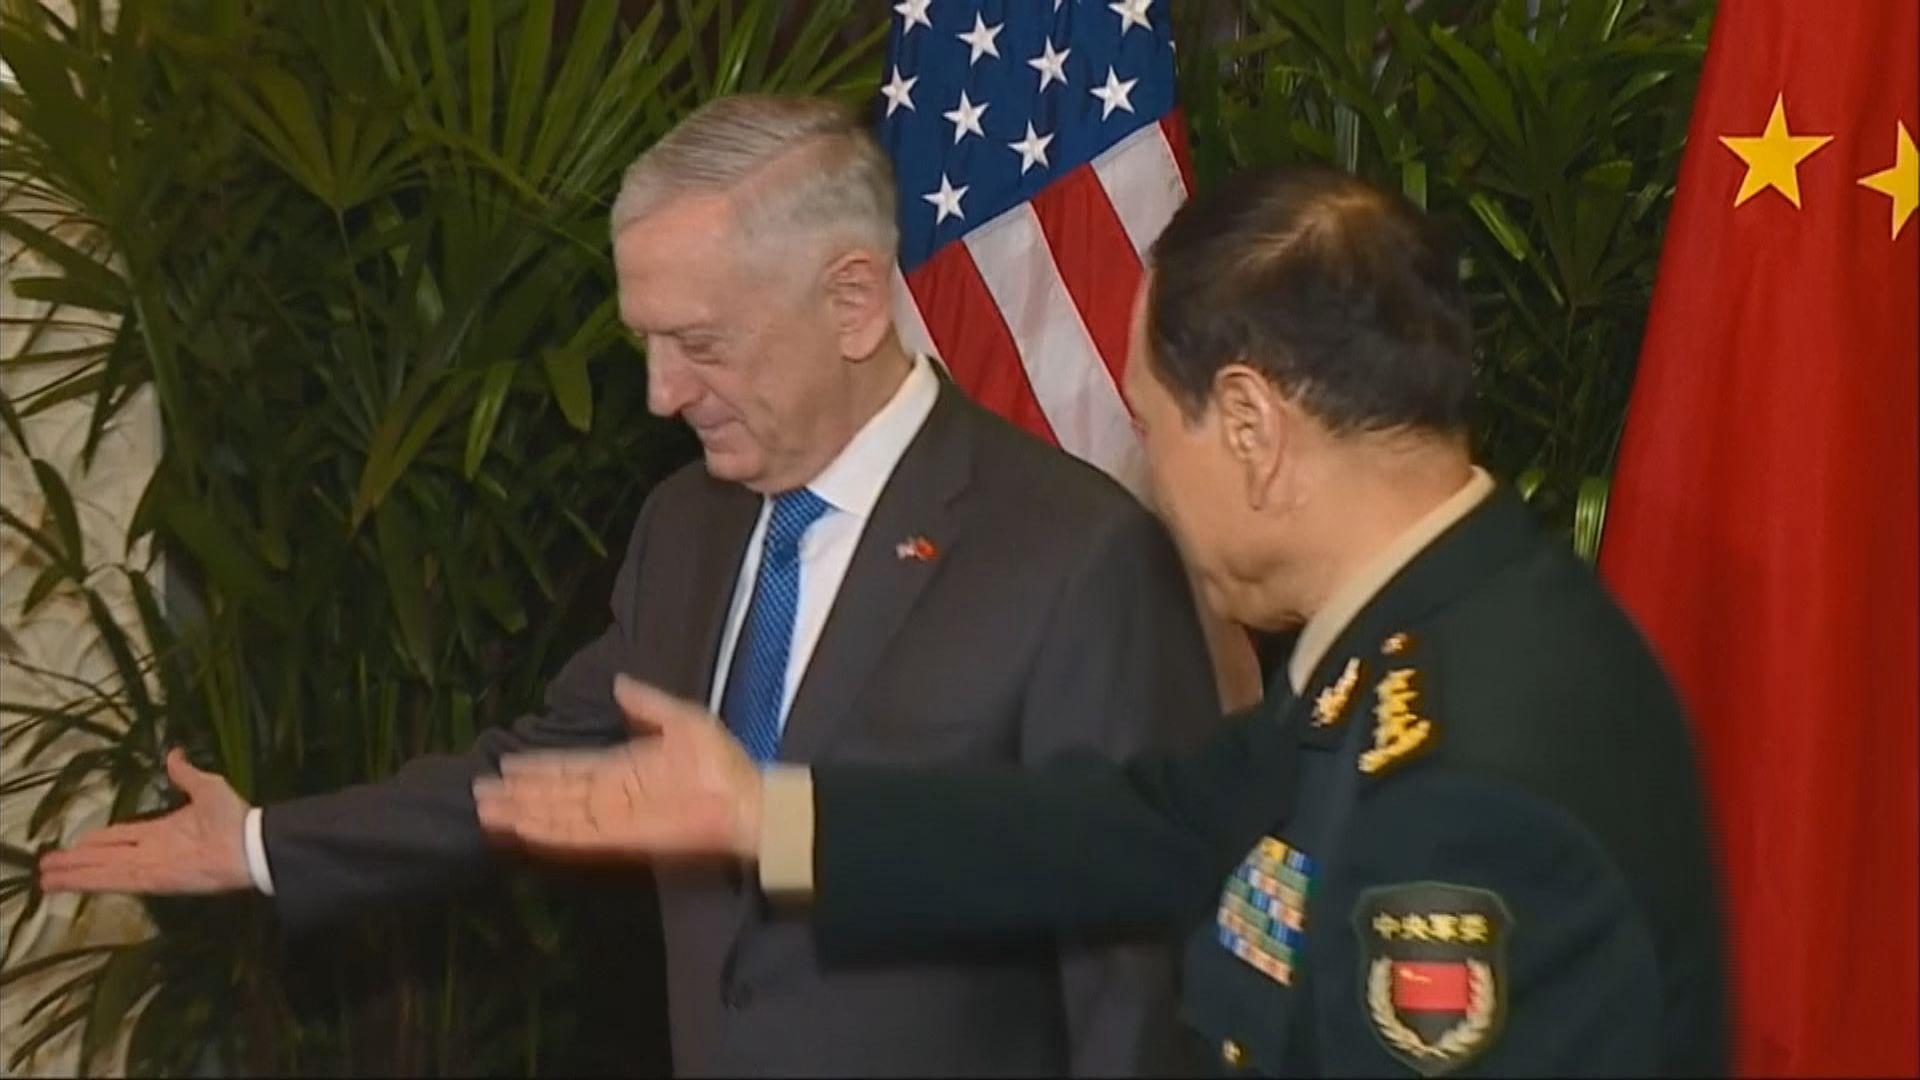 中美防長會面 雙方會後均無發聲明